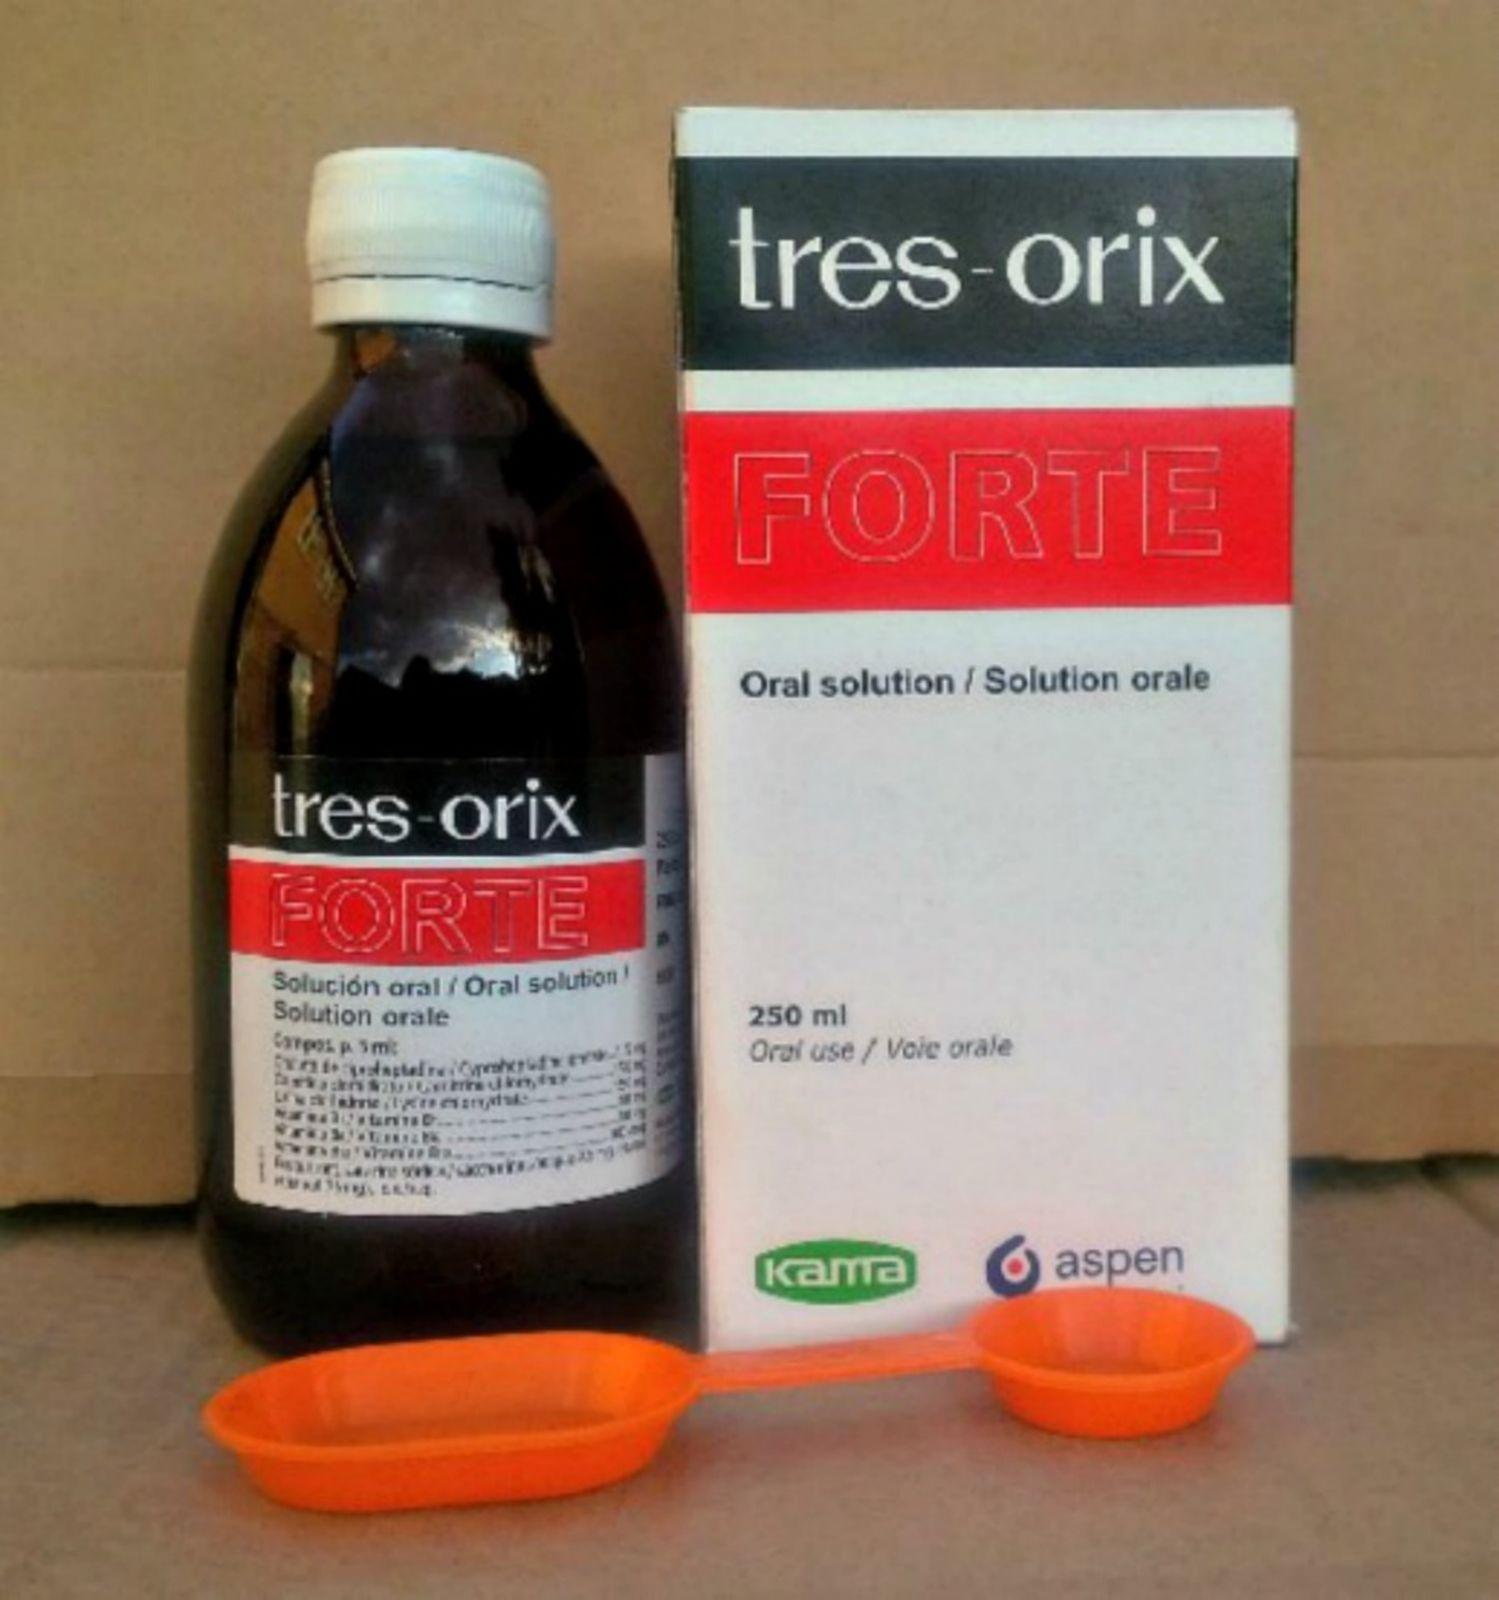 سعر ودواعي استعمال شراب تريس اوريكس Tres Orix للدم